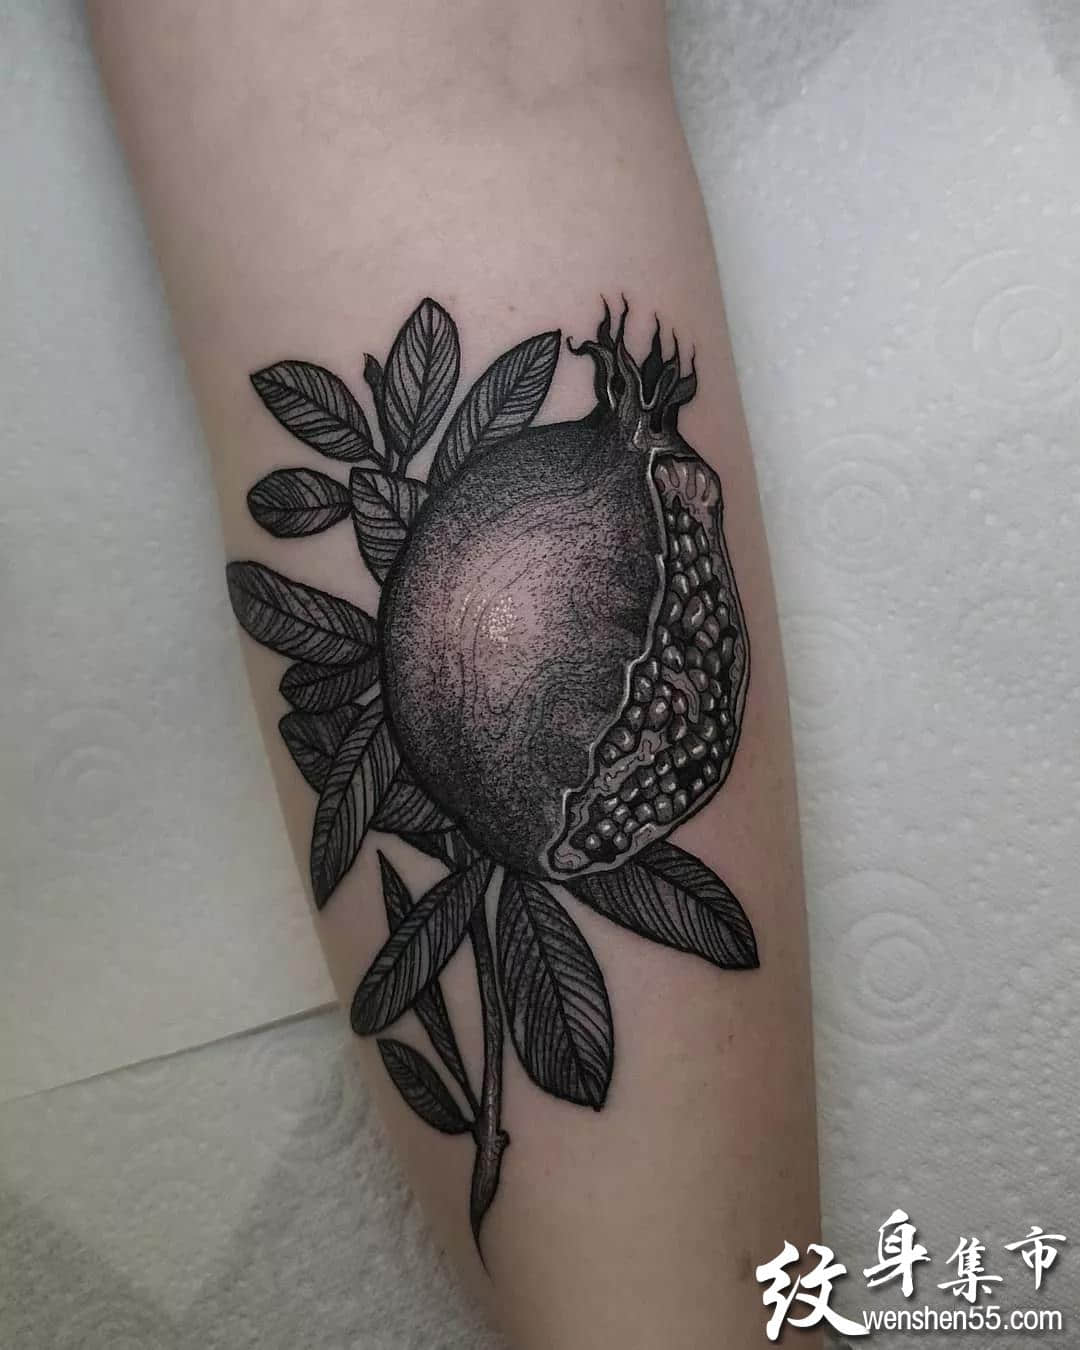 石榴纹身,石榴纹身手稿,石榴纹身手稿图案